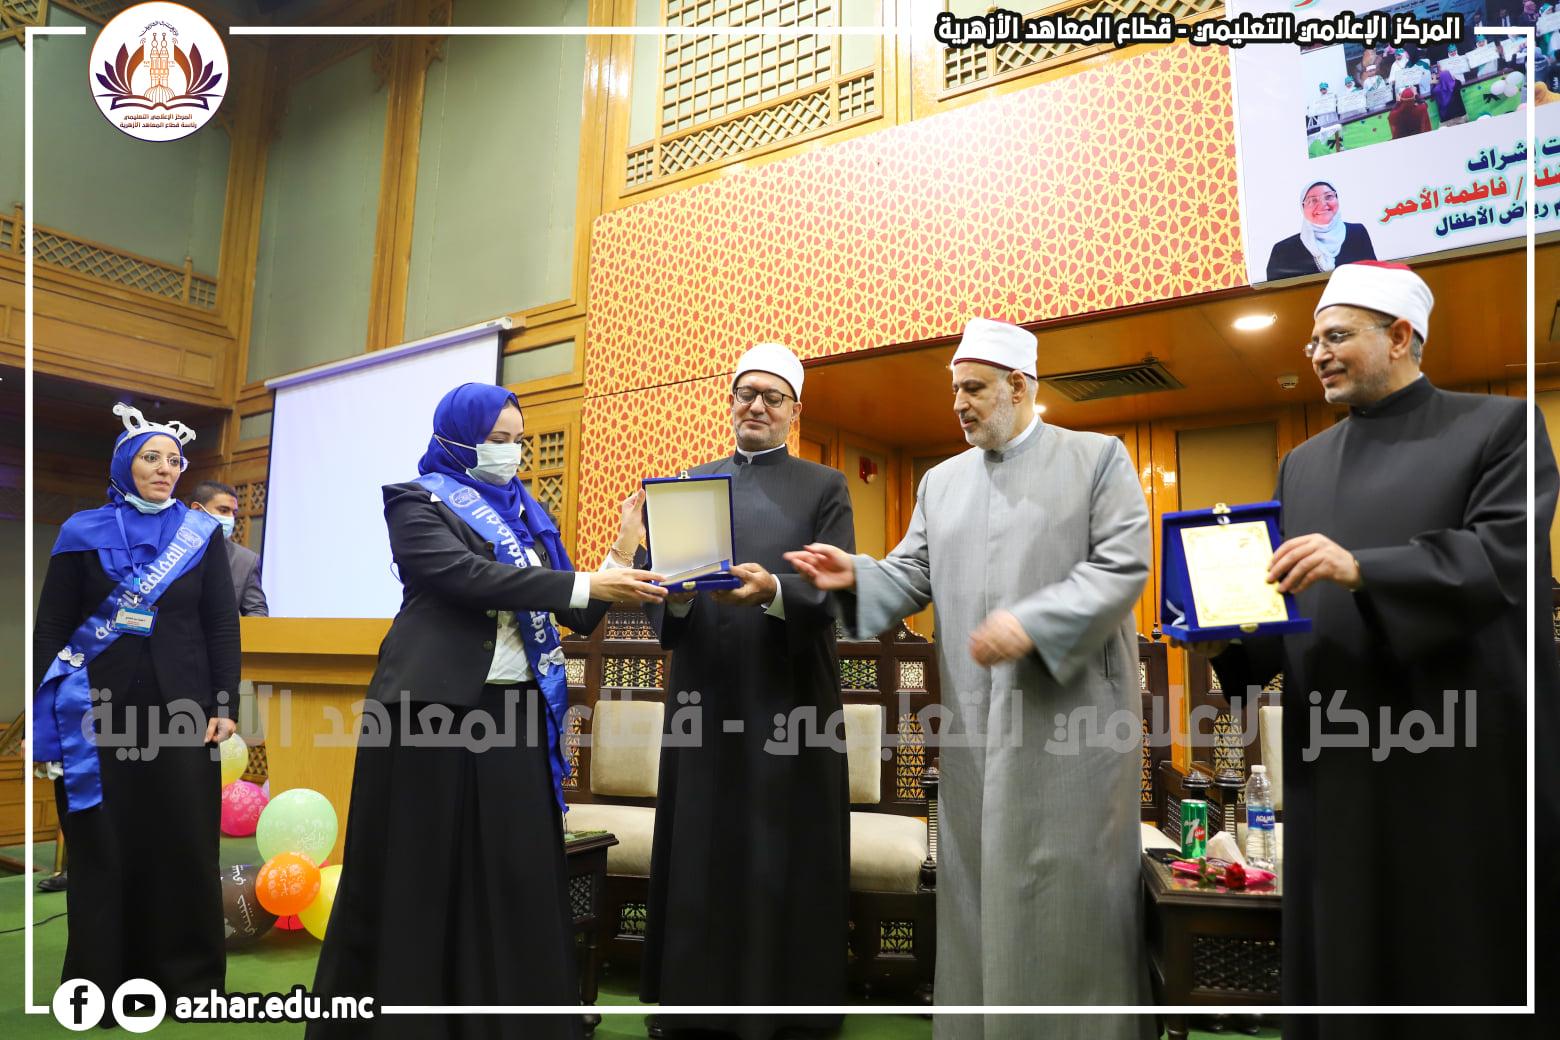 قطاع المعاهد الأزهرية يكرم المعلمة القدوة والفائزين في مسابقة الأزهري الصغير